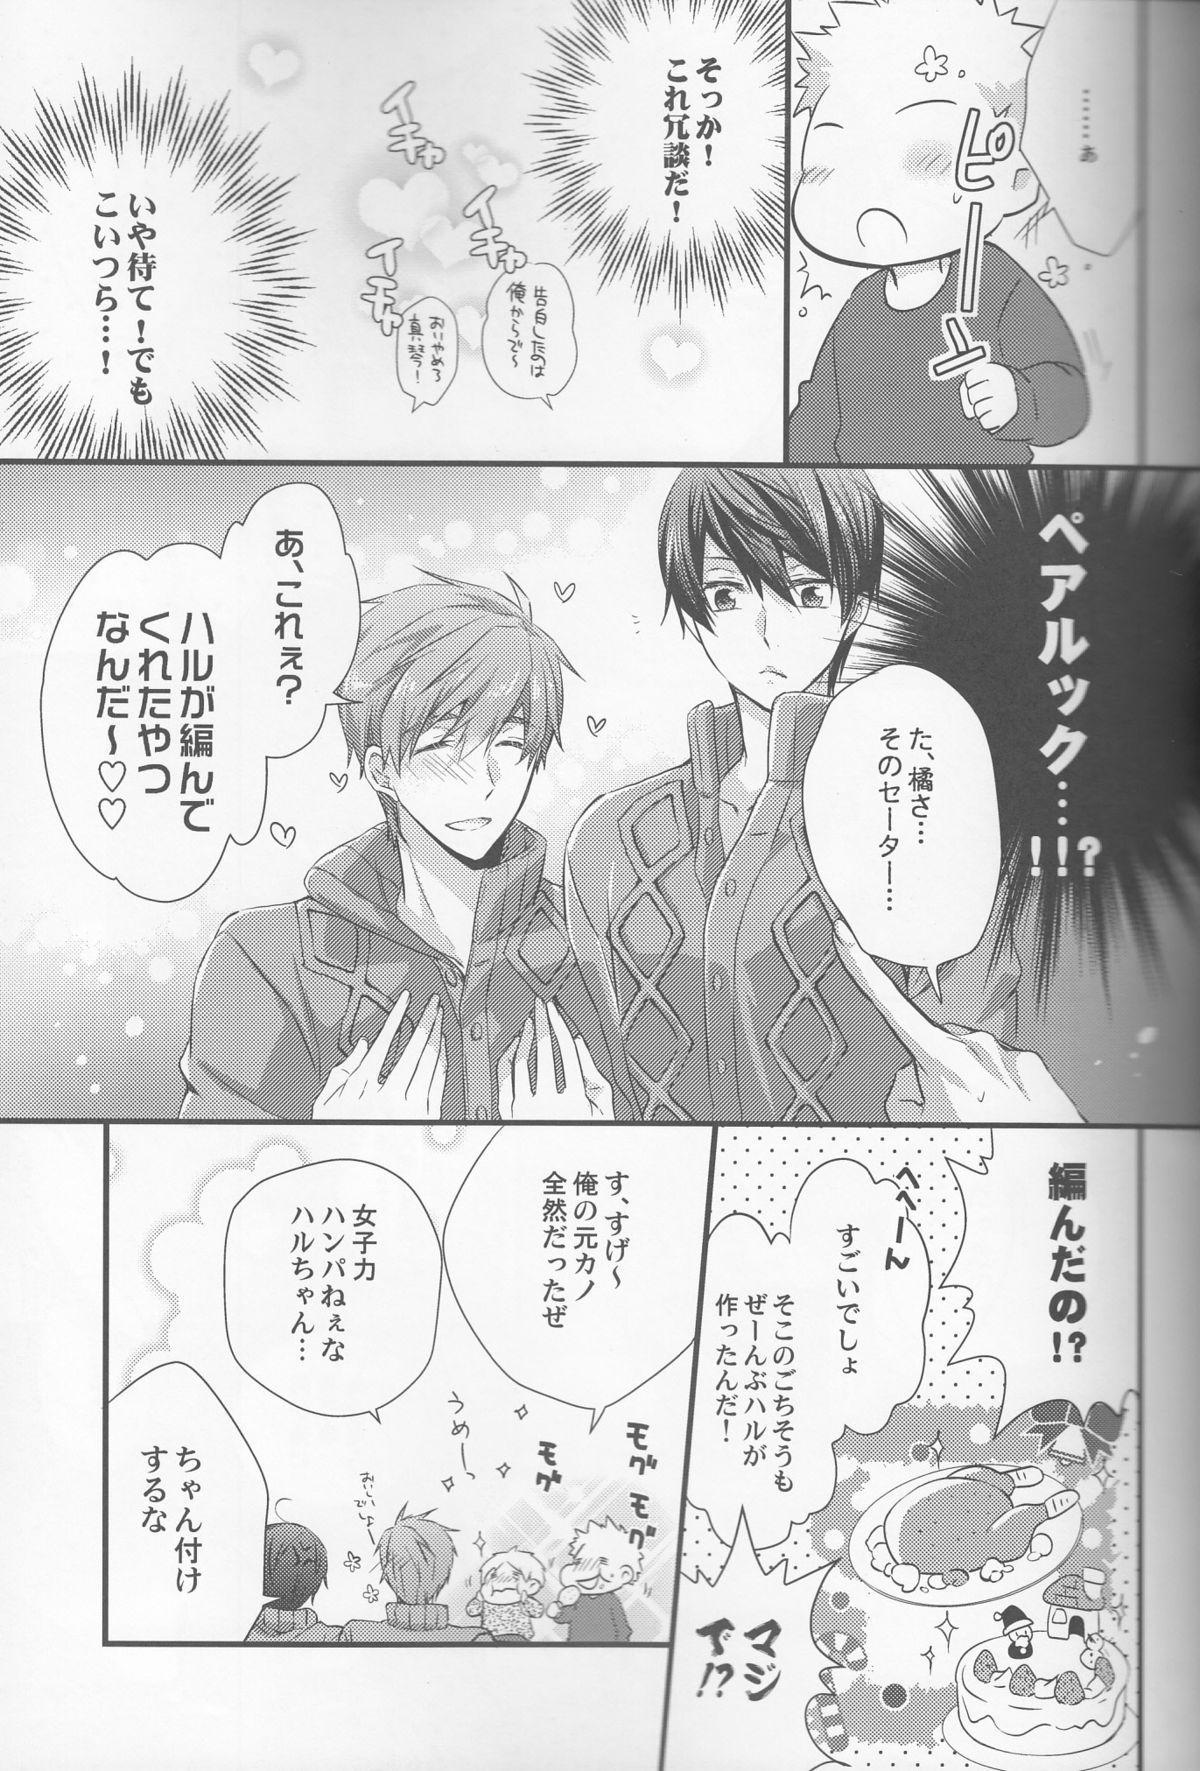 Hajimemashite Yome desu. 6